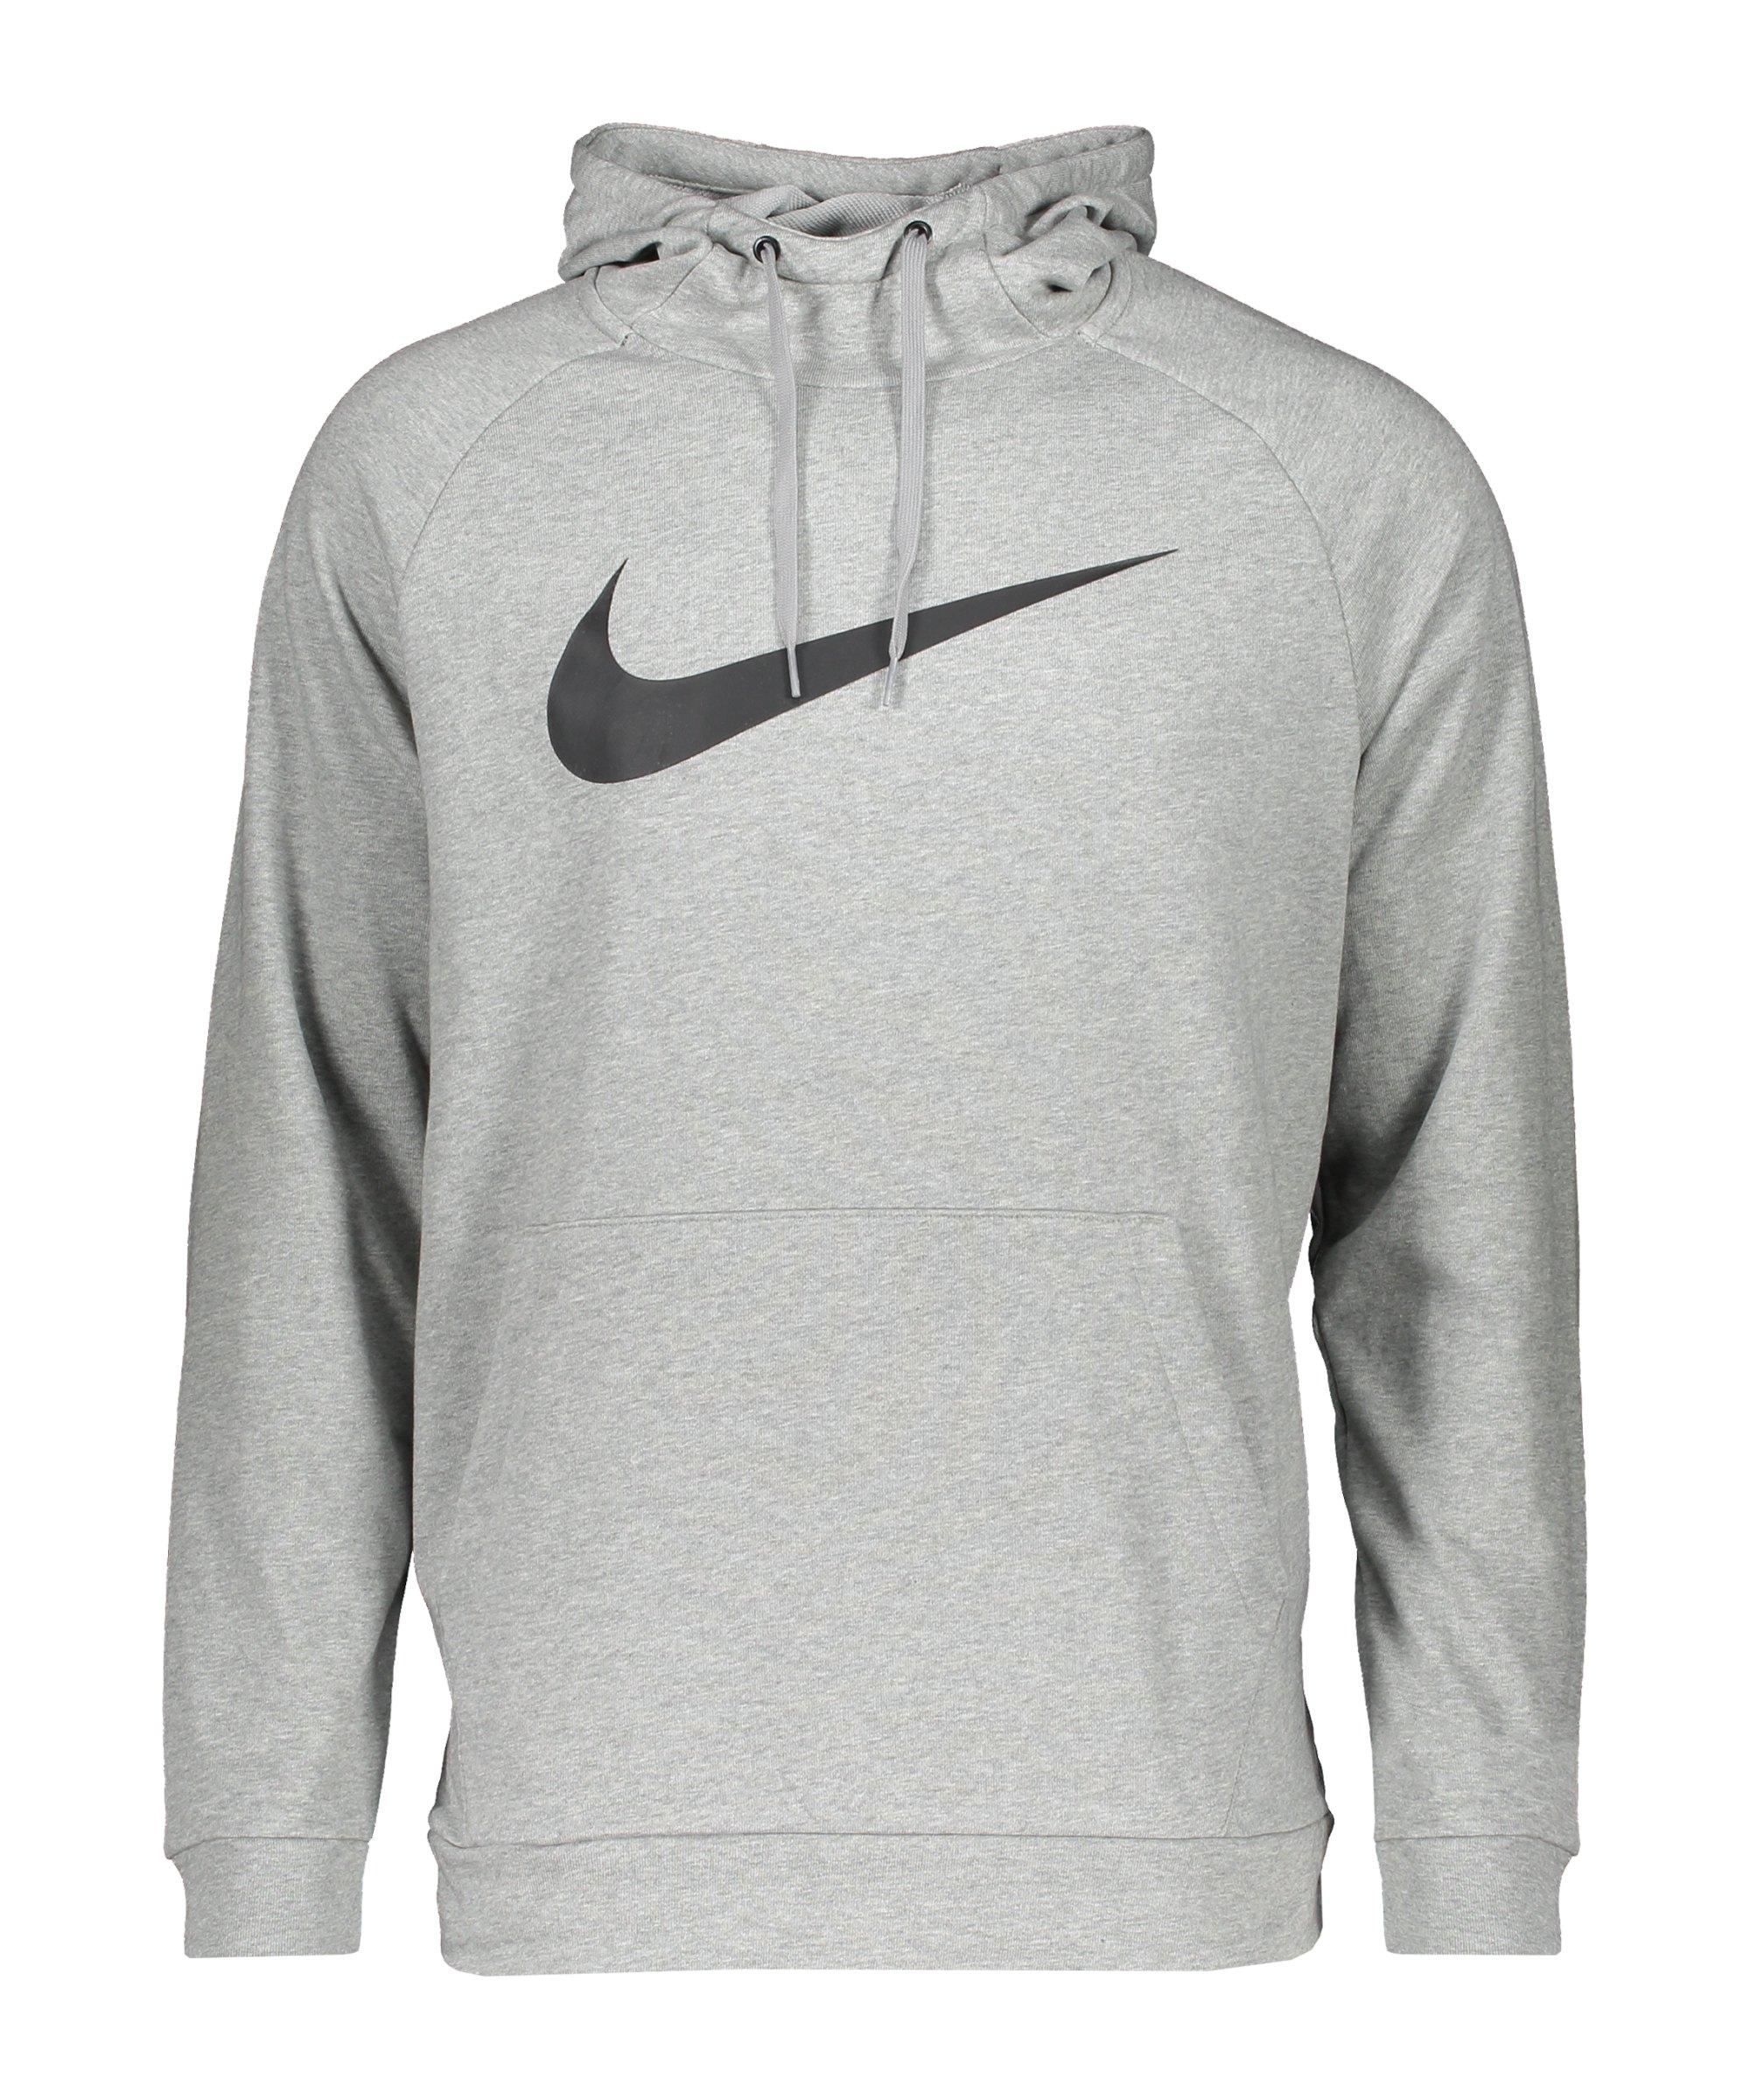 Nike Dri-FIT Swoosh Hoody Grau Schwarz F010 - grau